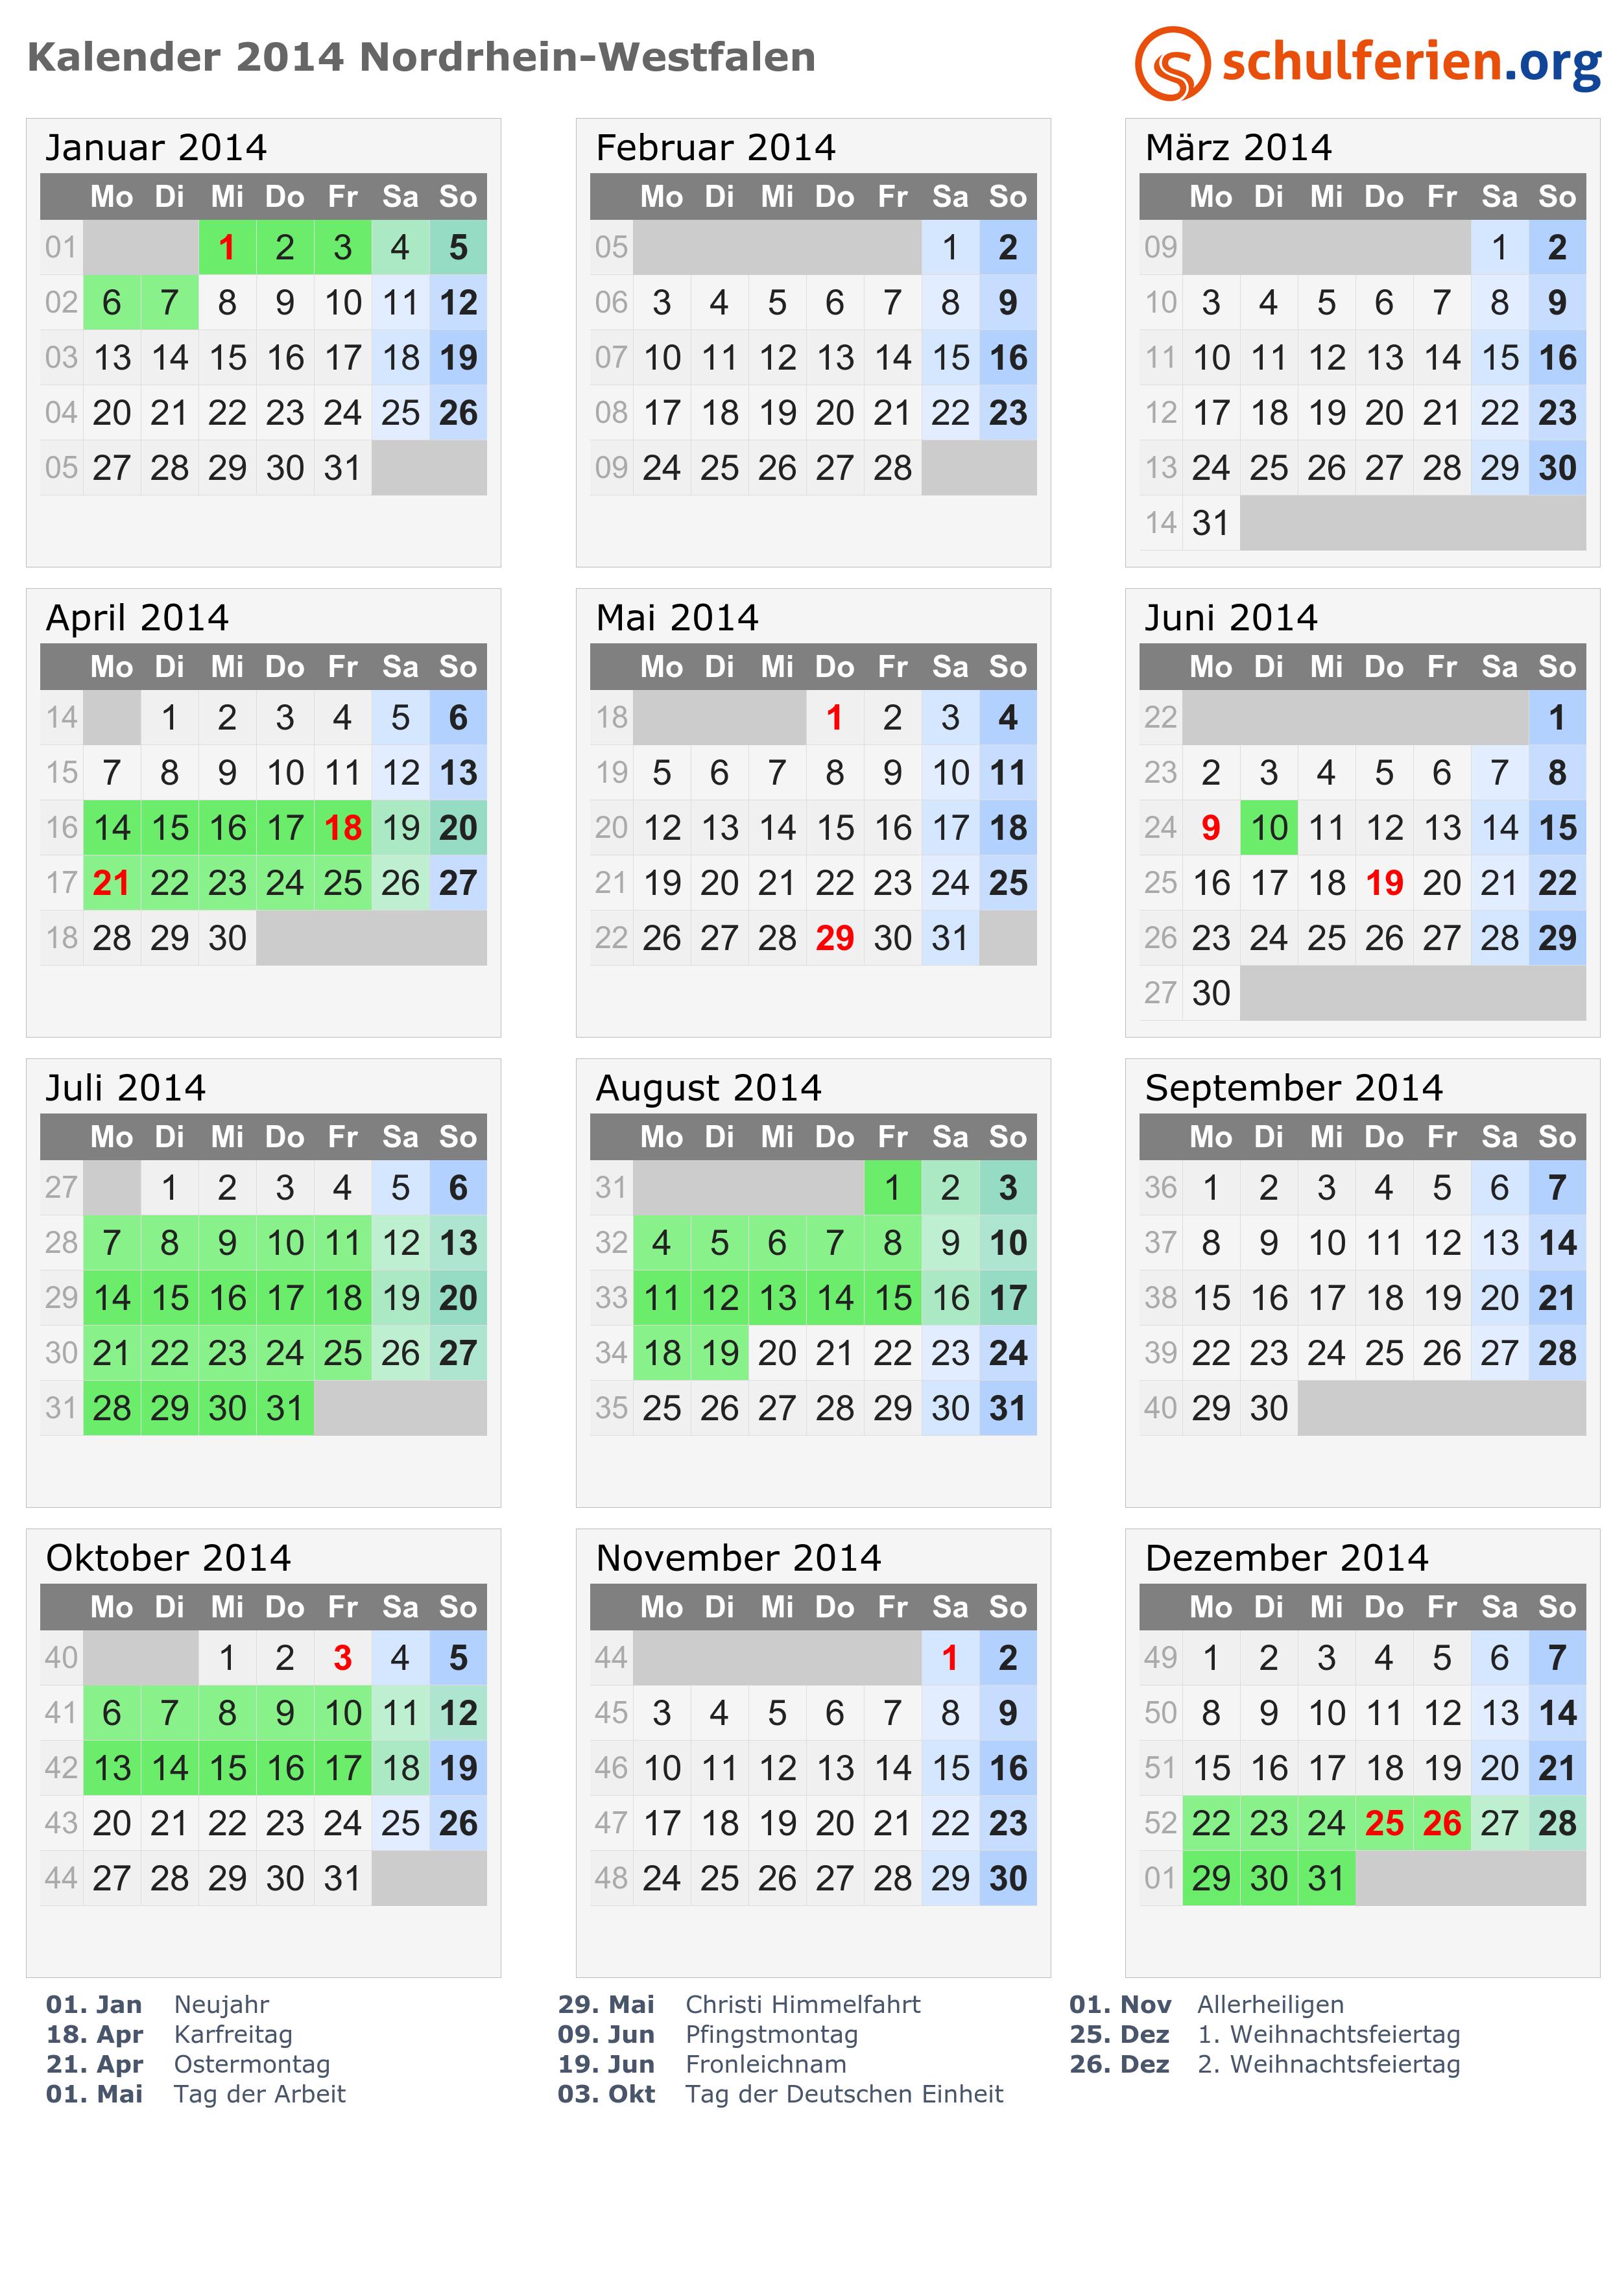 Kalender 2014 mit ferien und feiertagen nordrhein westfalen